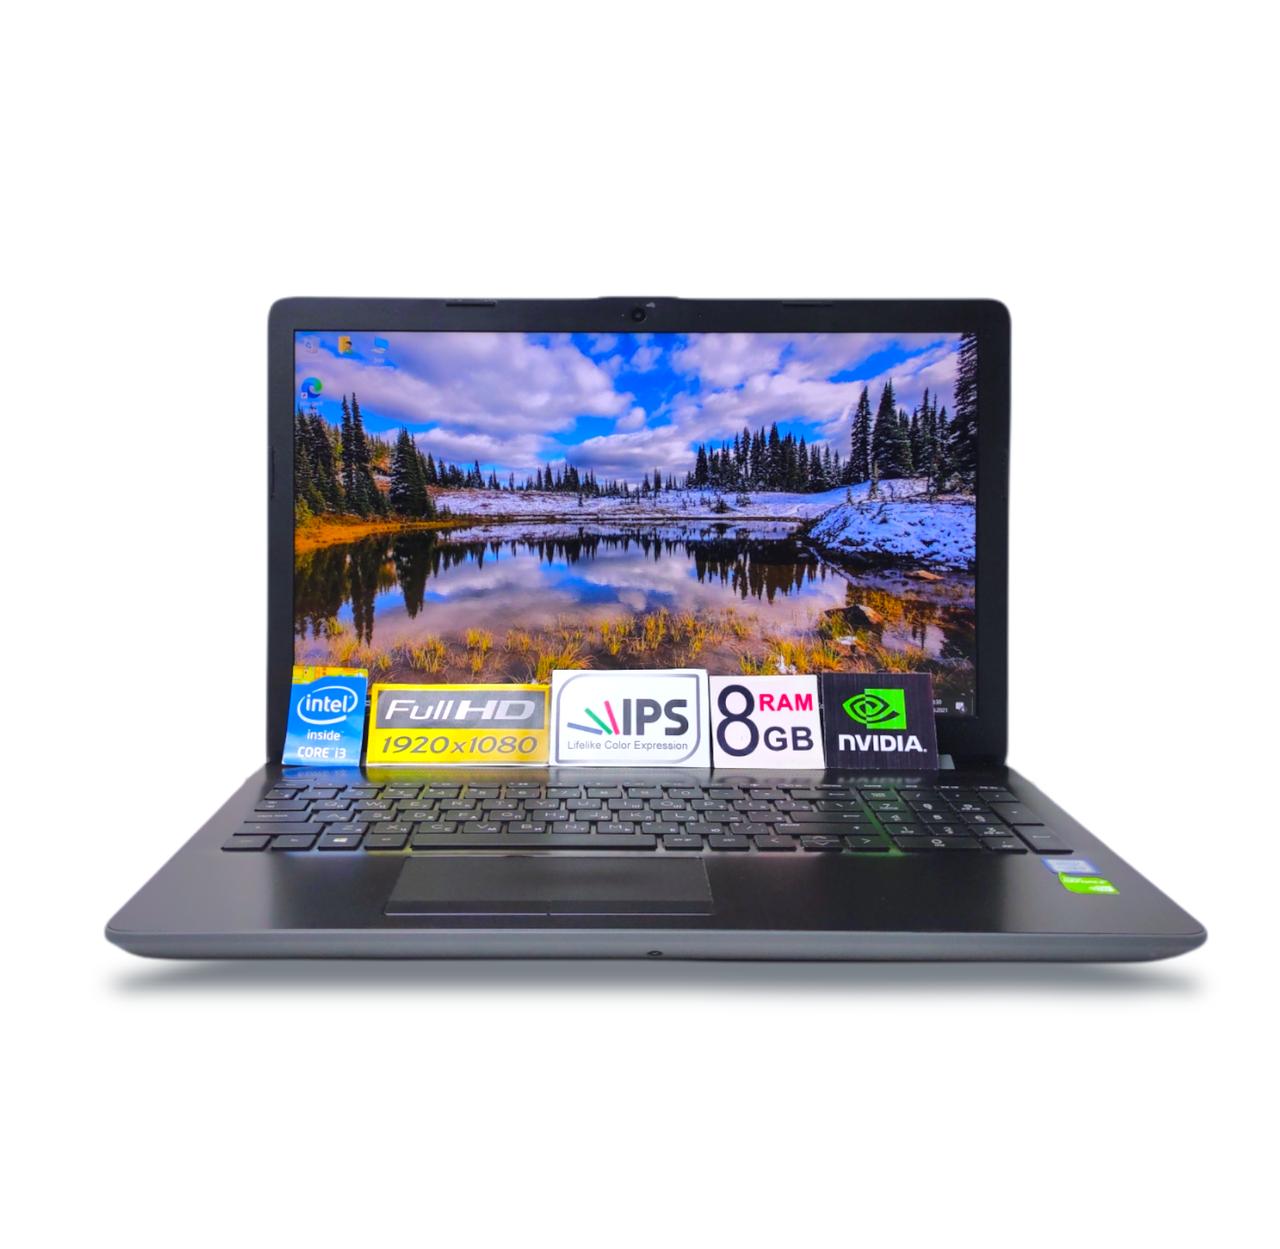 """Ігровий Ноутбук HP Laptop 15 FHD IPS 15.6""""  i3-7020U 8GB DDR4 500GB HDD NVIDIA GeForce MX110 2Gb GDDR5"""